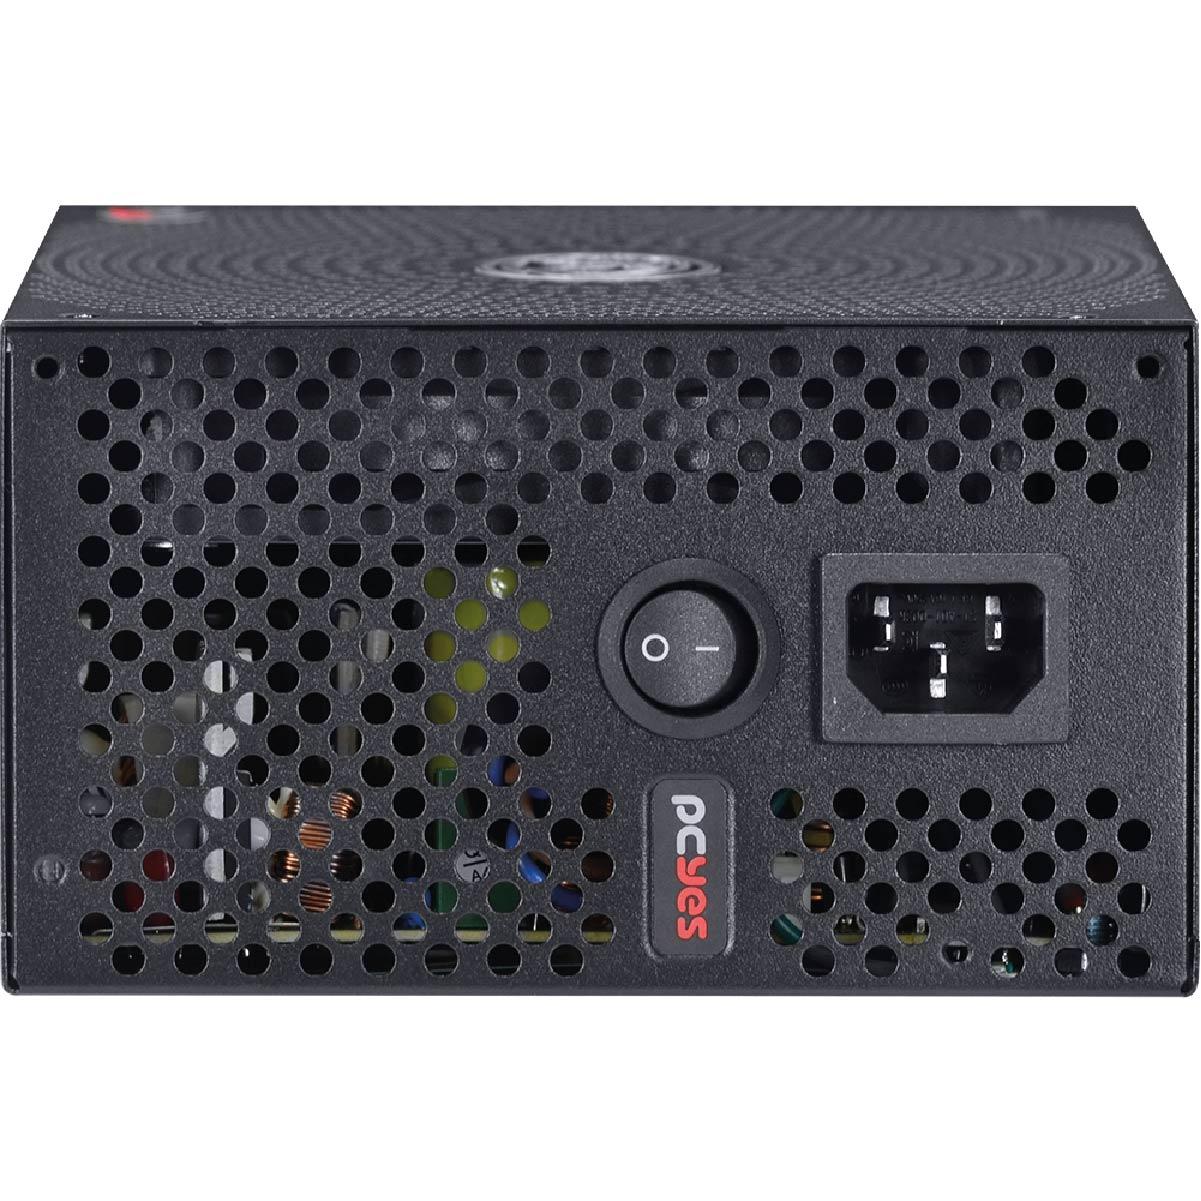 Fonte ATX 600W Pcyes Electro V2 80 Plus White PFC Ativo